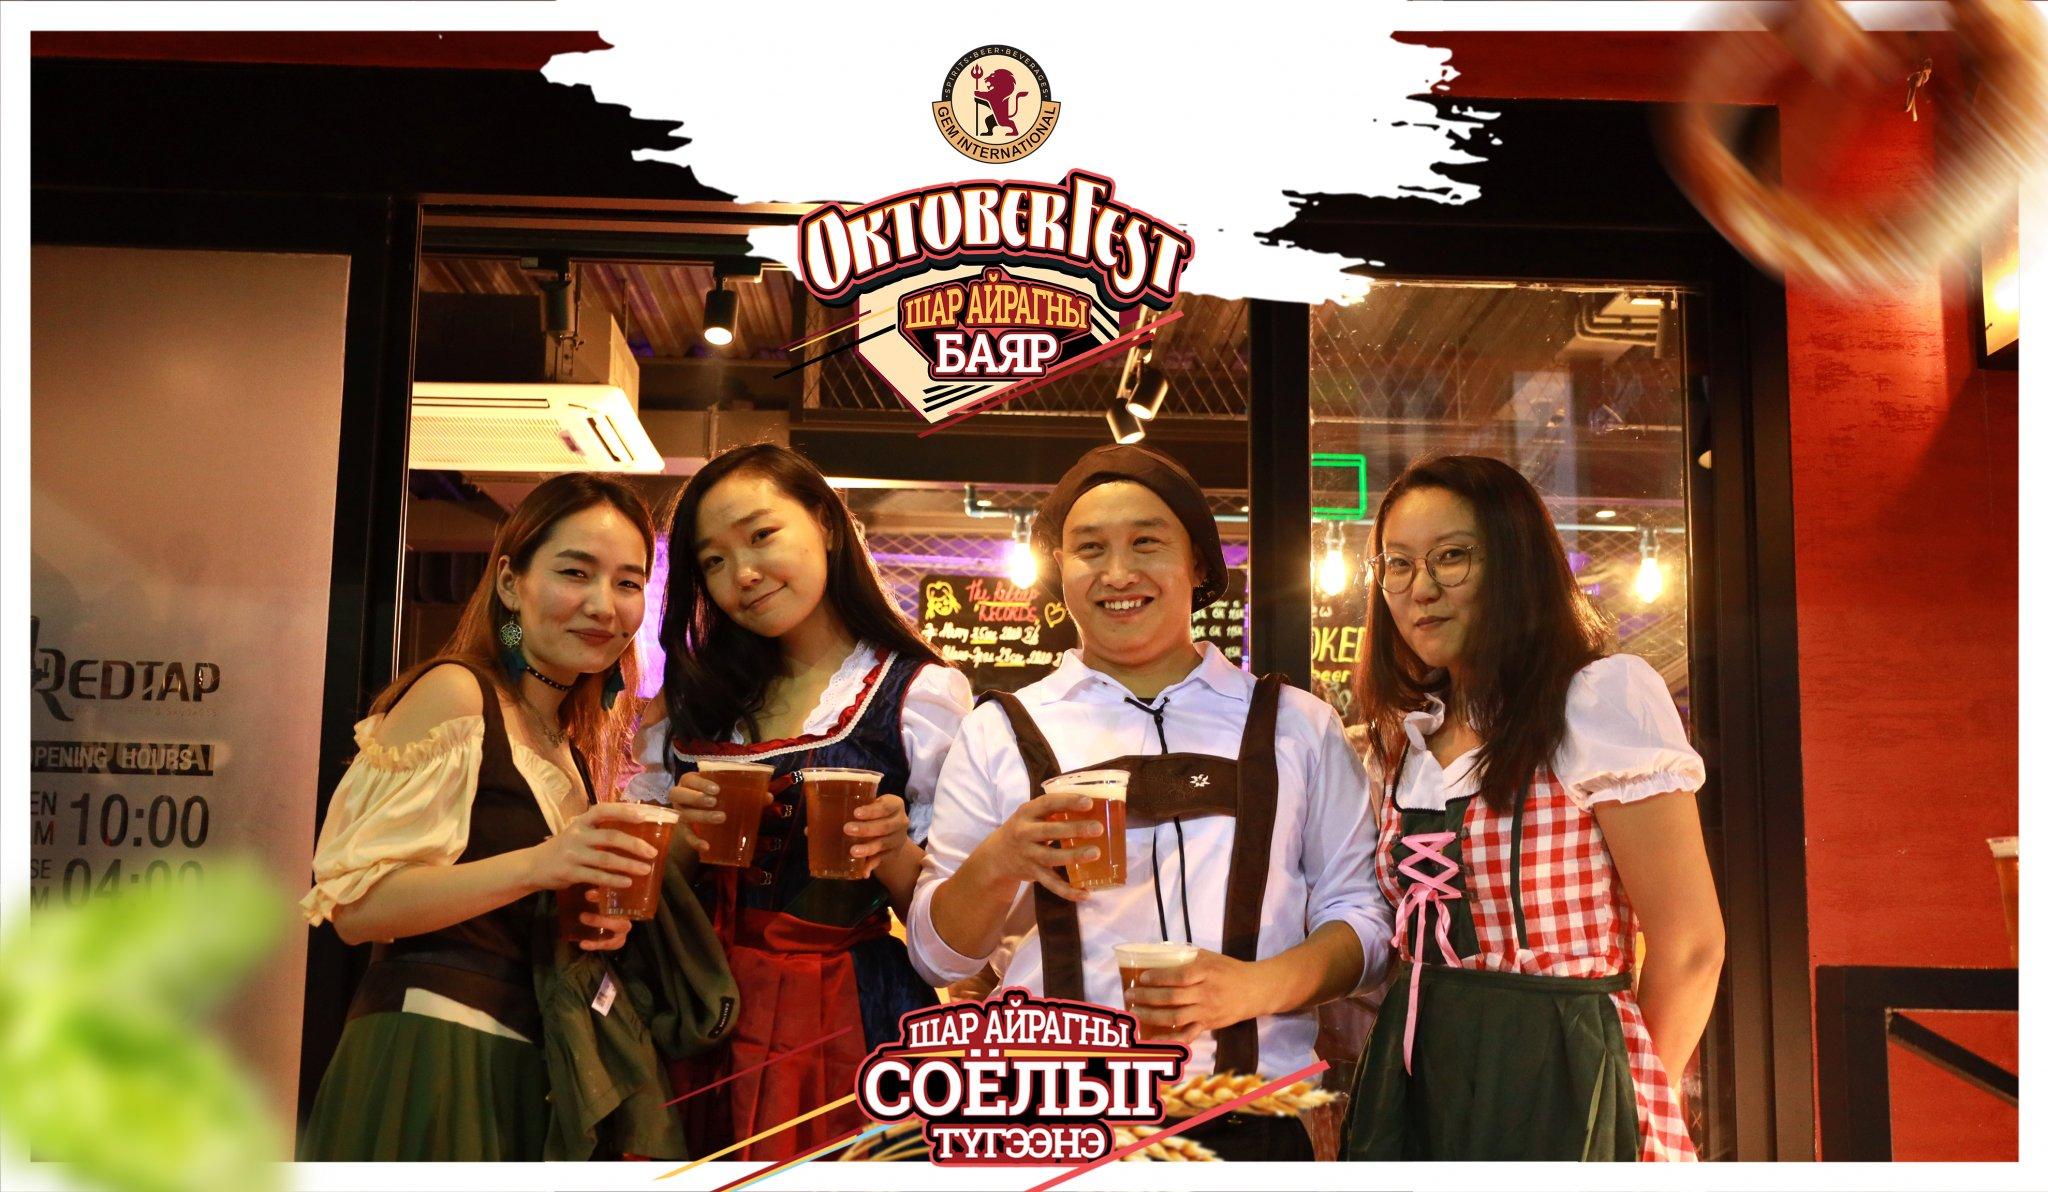 """""""Gem Oktoberfest"""" пивоны баярыг зорих 6 шалтгаан"""